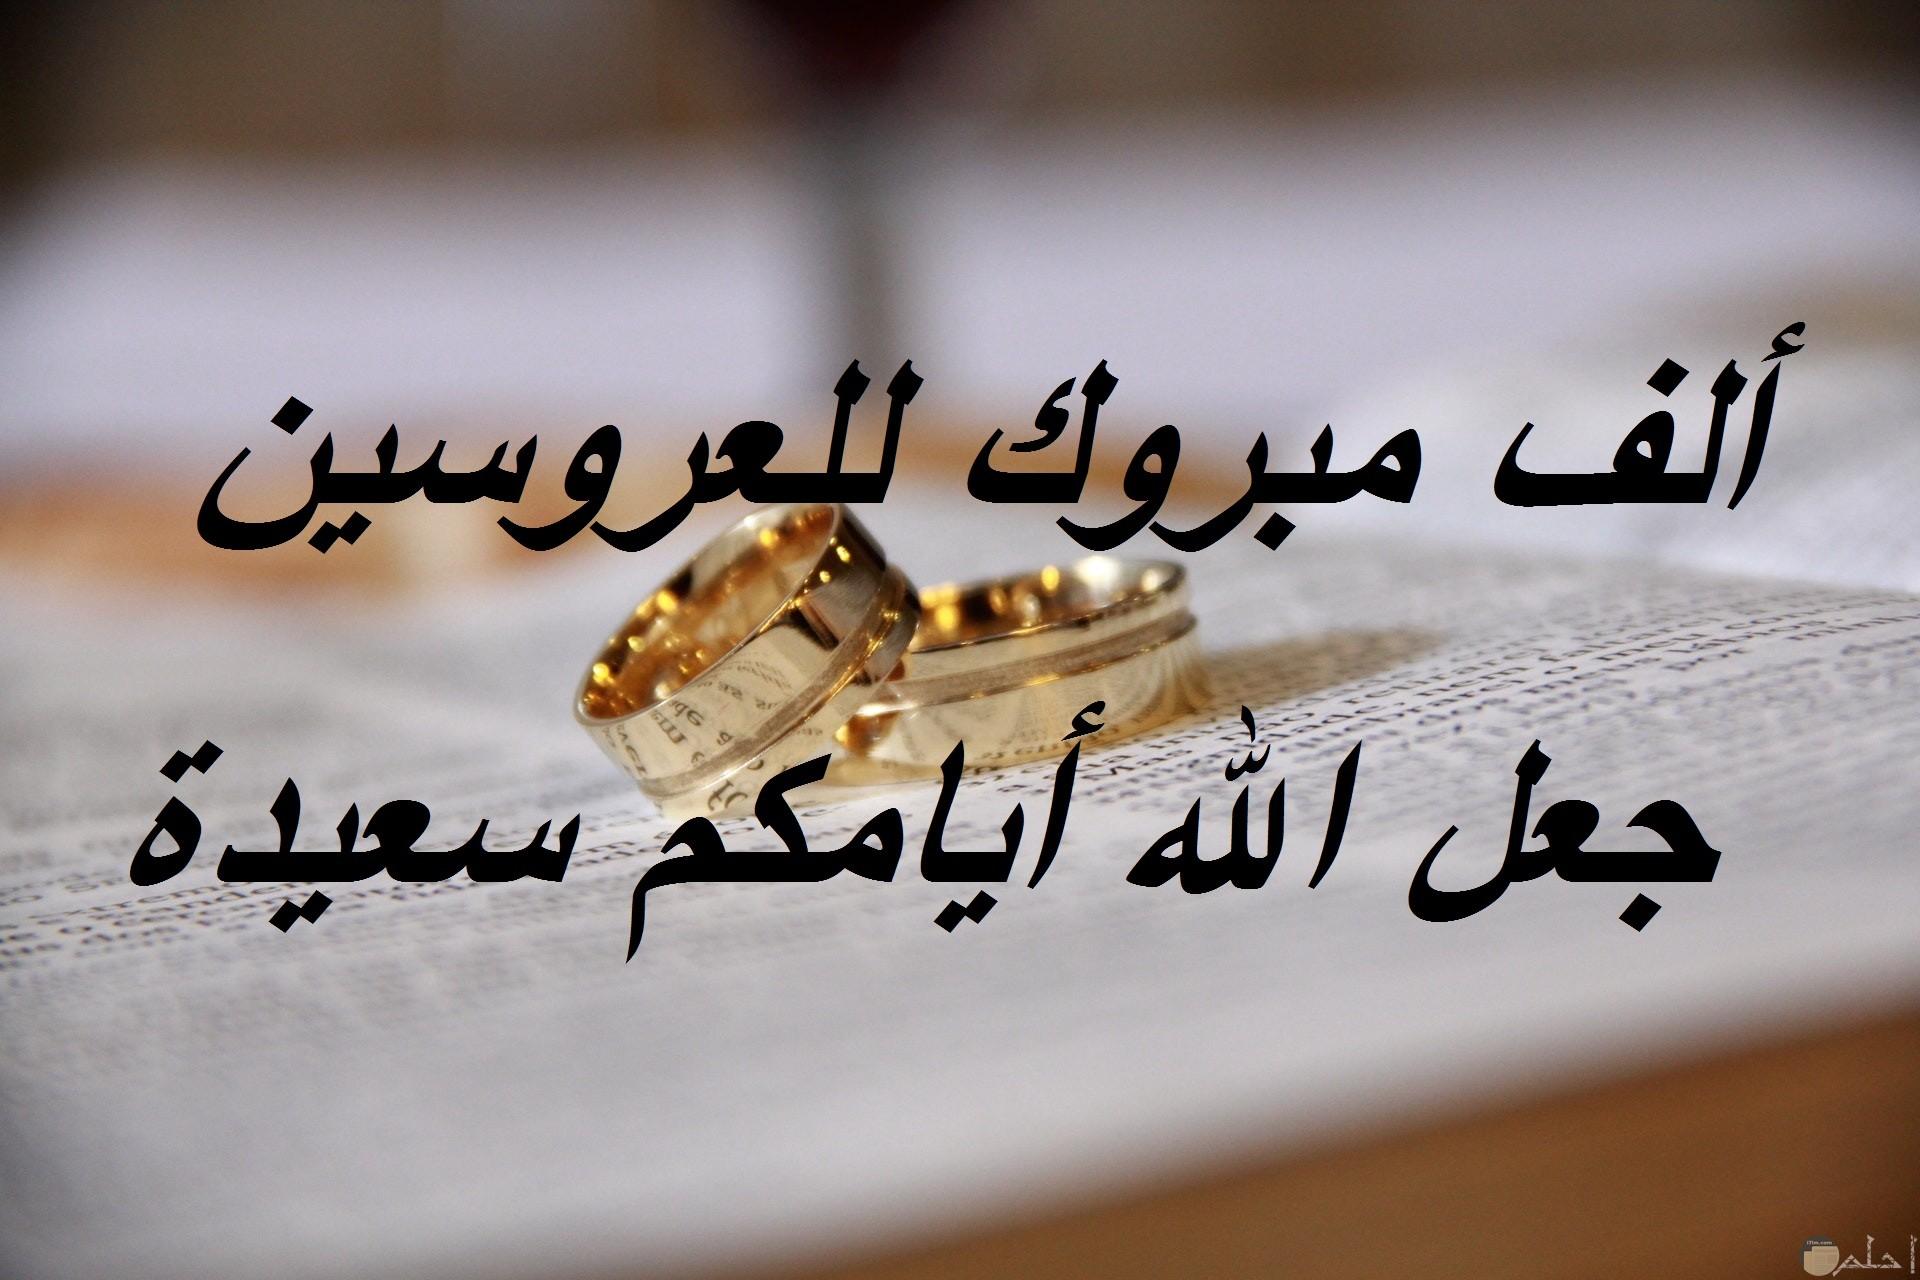 صورة جميلة للتهنئة بمناسبة الزواج للعروسين والدعاء بأن تكون أيامهم سعيدة